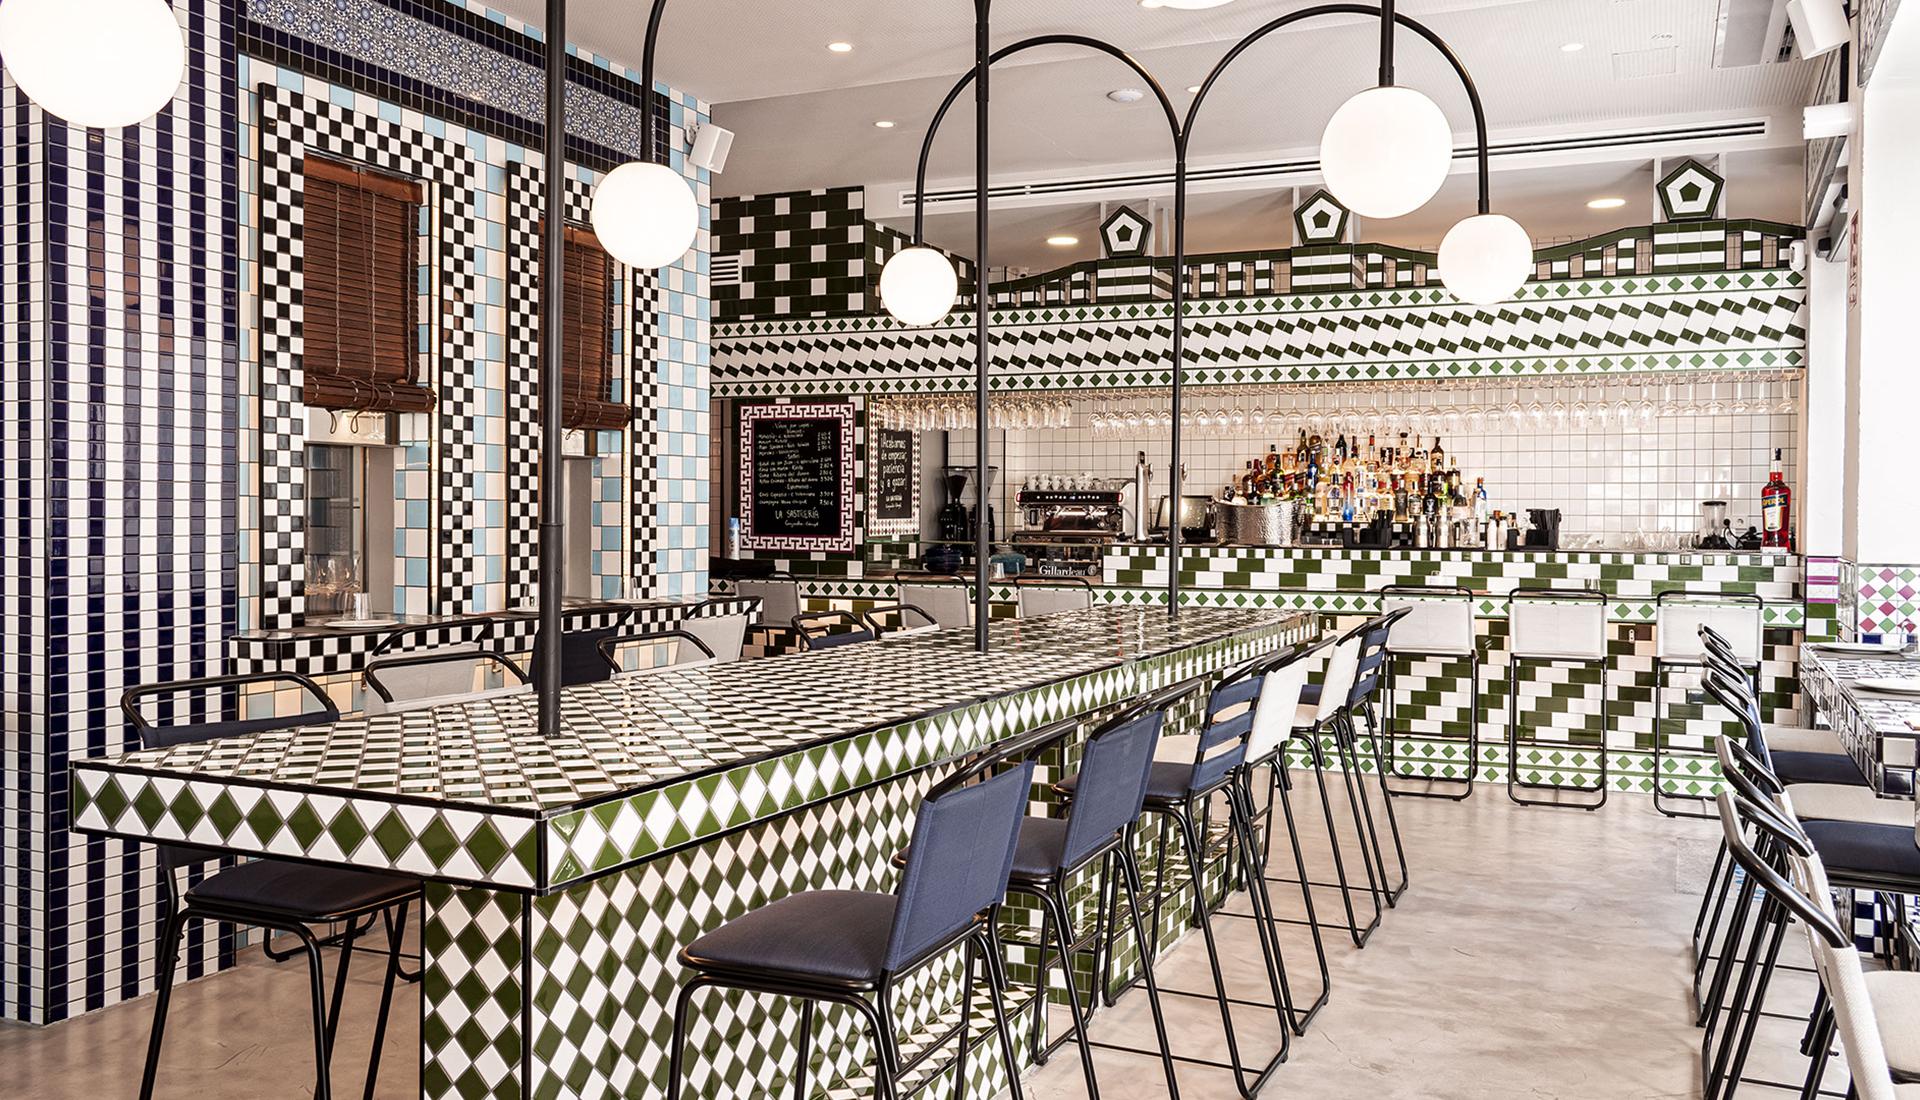 Ресторан в Валенсии по проекту Masquespacio